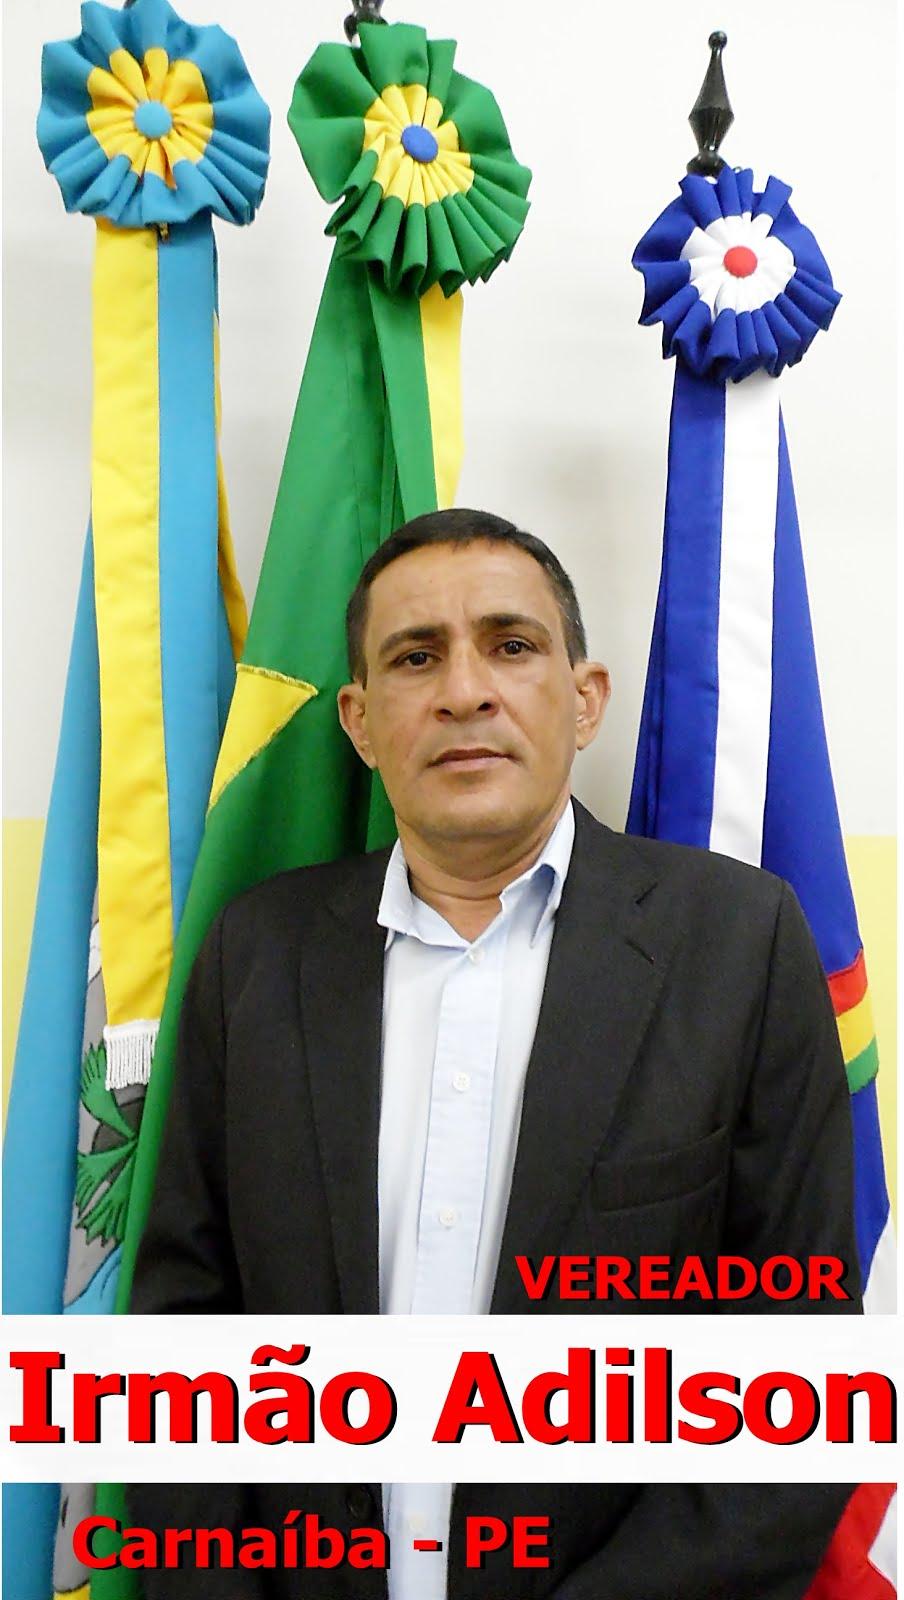 Vereador Irmão Adilson